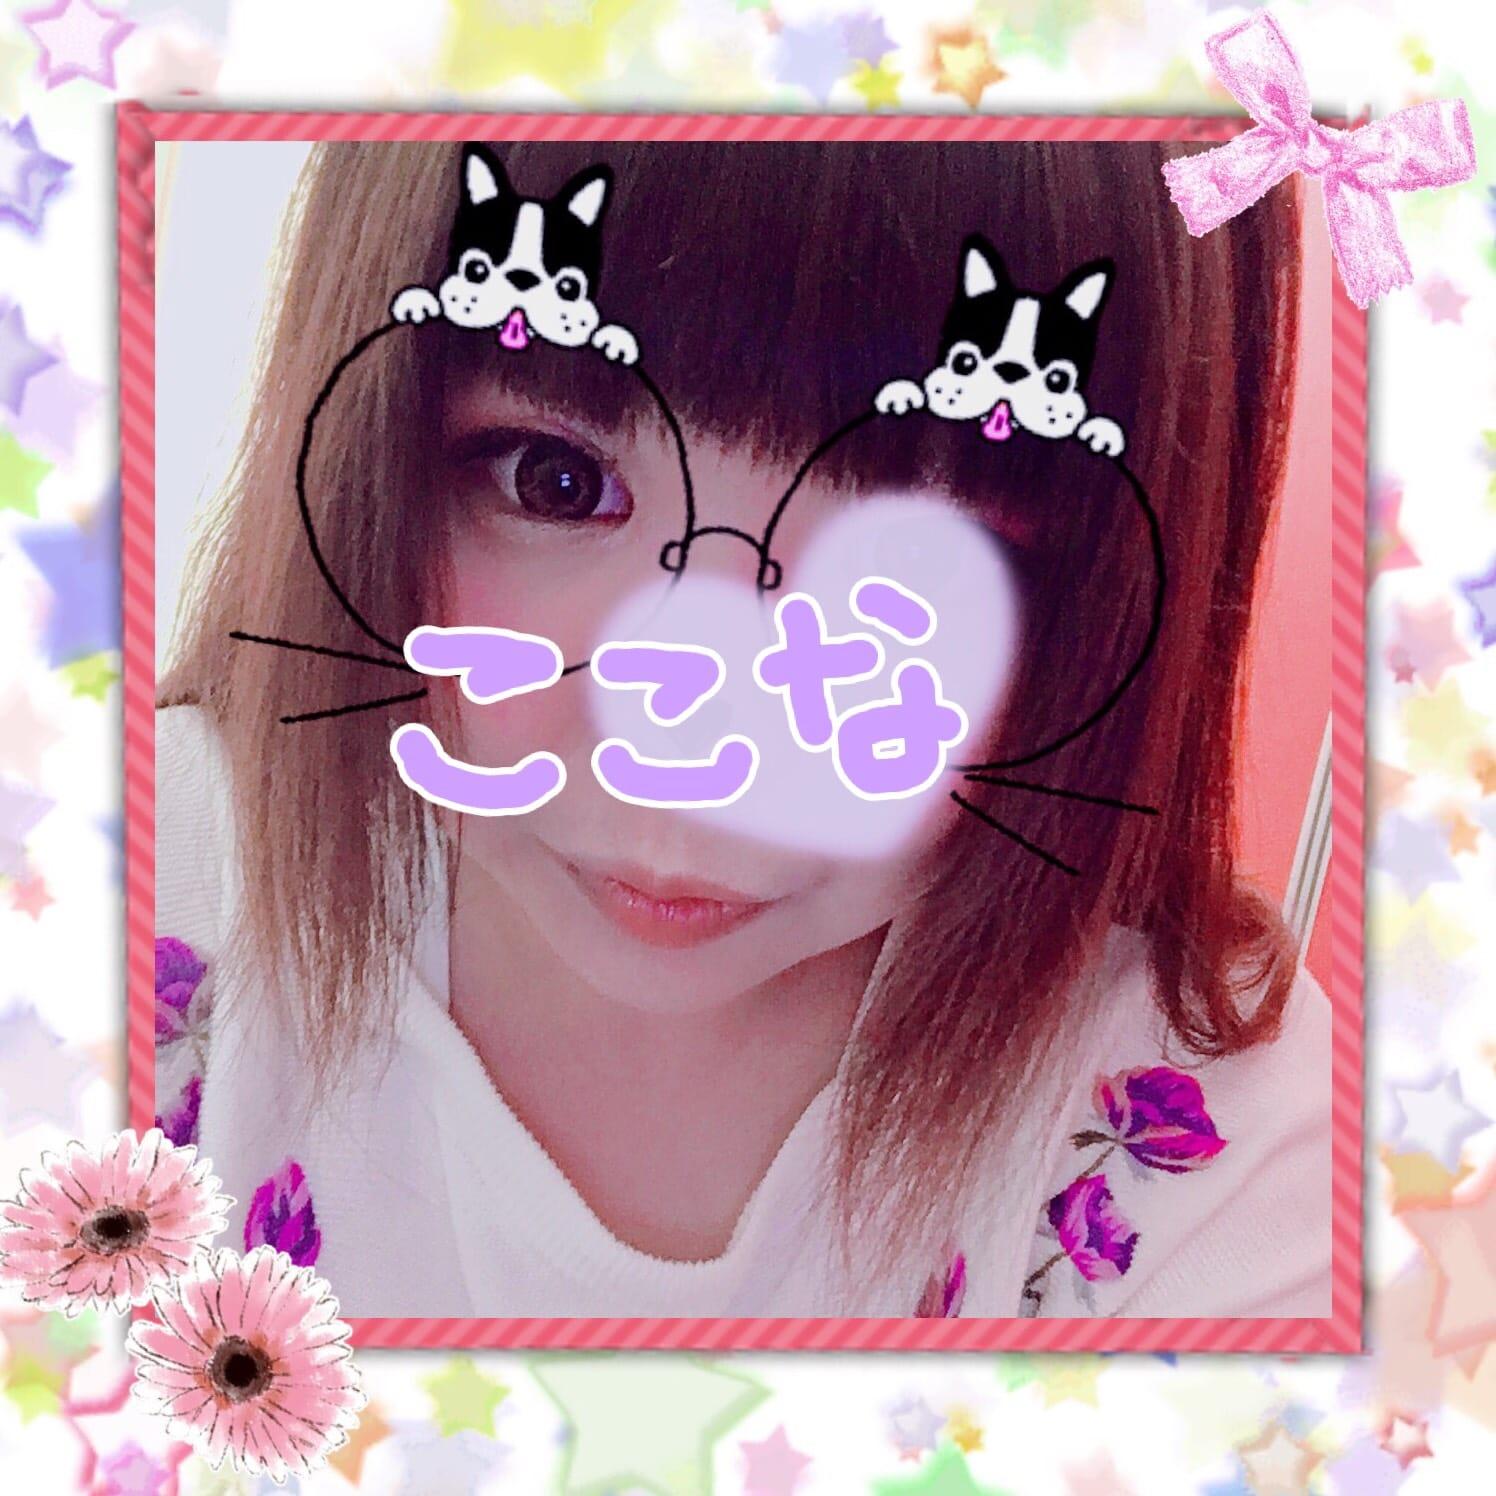 「しゅっきん」04/24(04/24) 13:24 | ここなの写メ・風俗動画